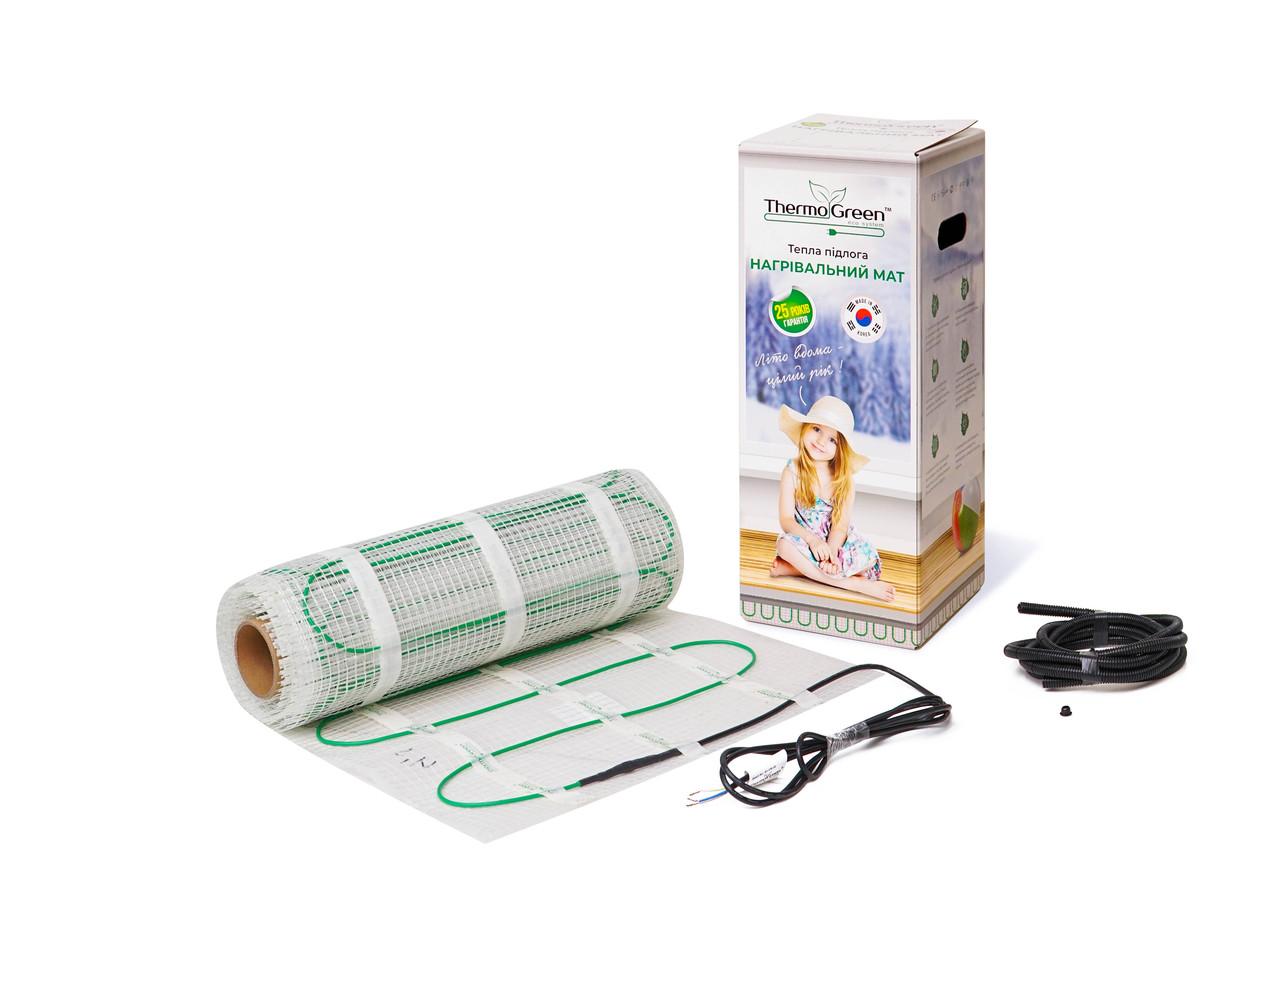 Мат нагревательный экранированный 150 Вт/м.кв  ThermoGreen 1,0 м.кв